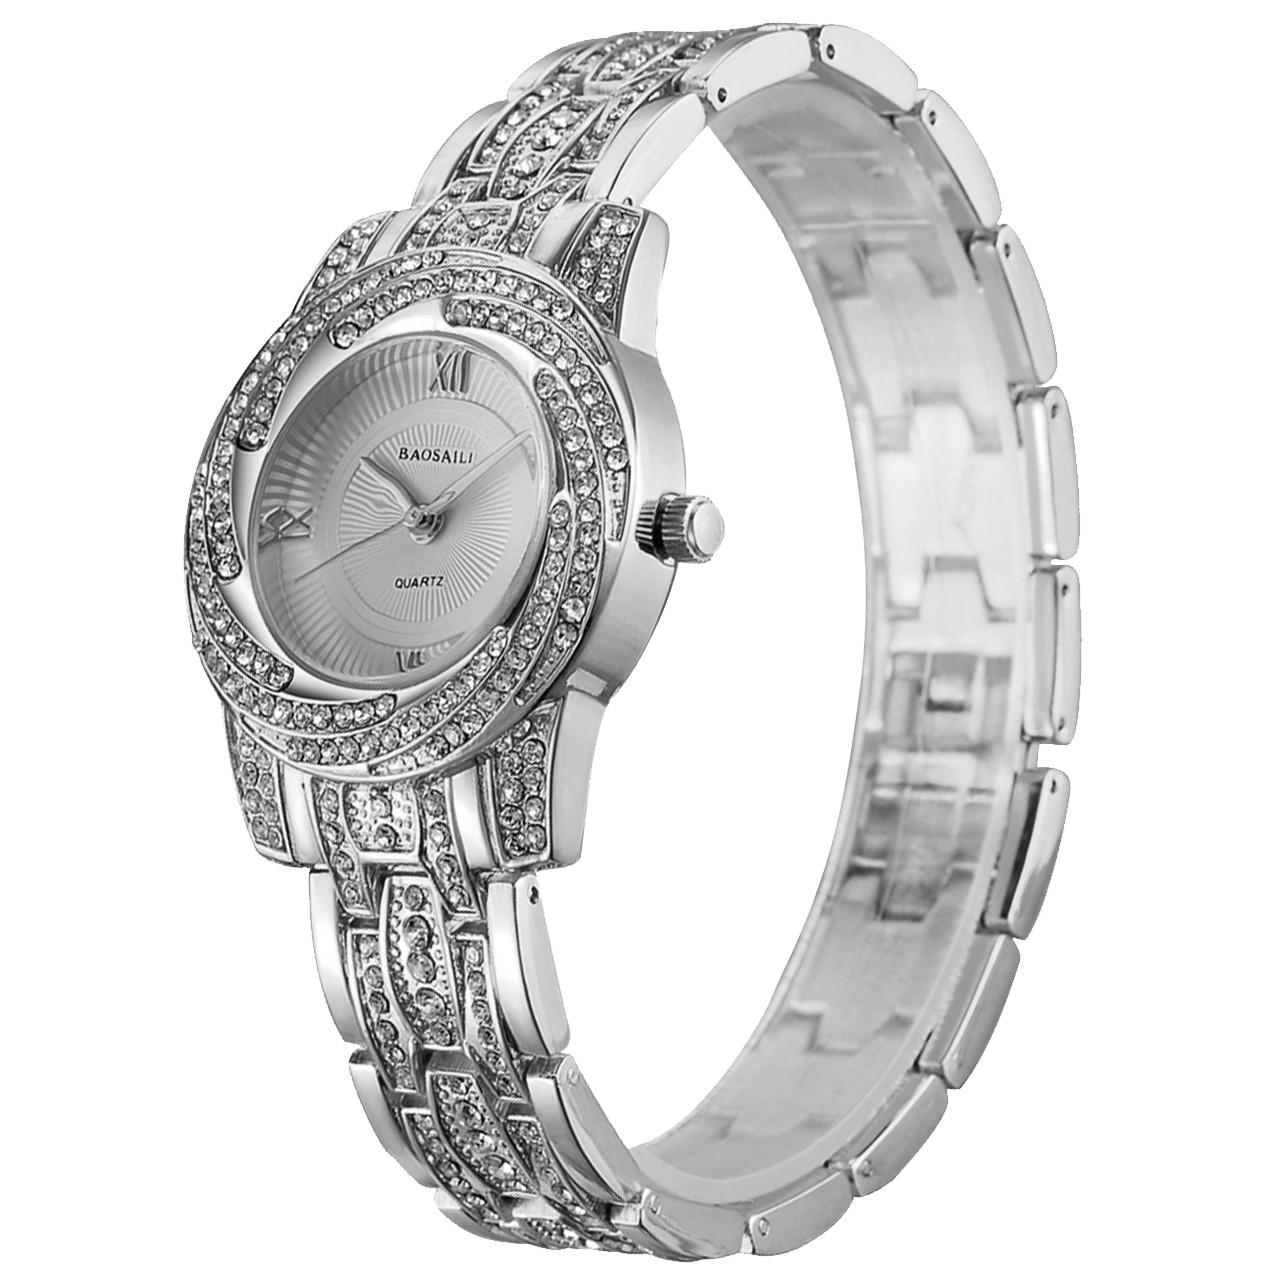 ➢Стильные часы BAOSAILI BSL1030 Silver модный аксессуар для девушек наручные женские часы